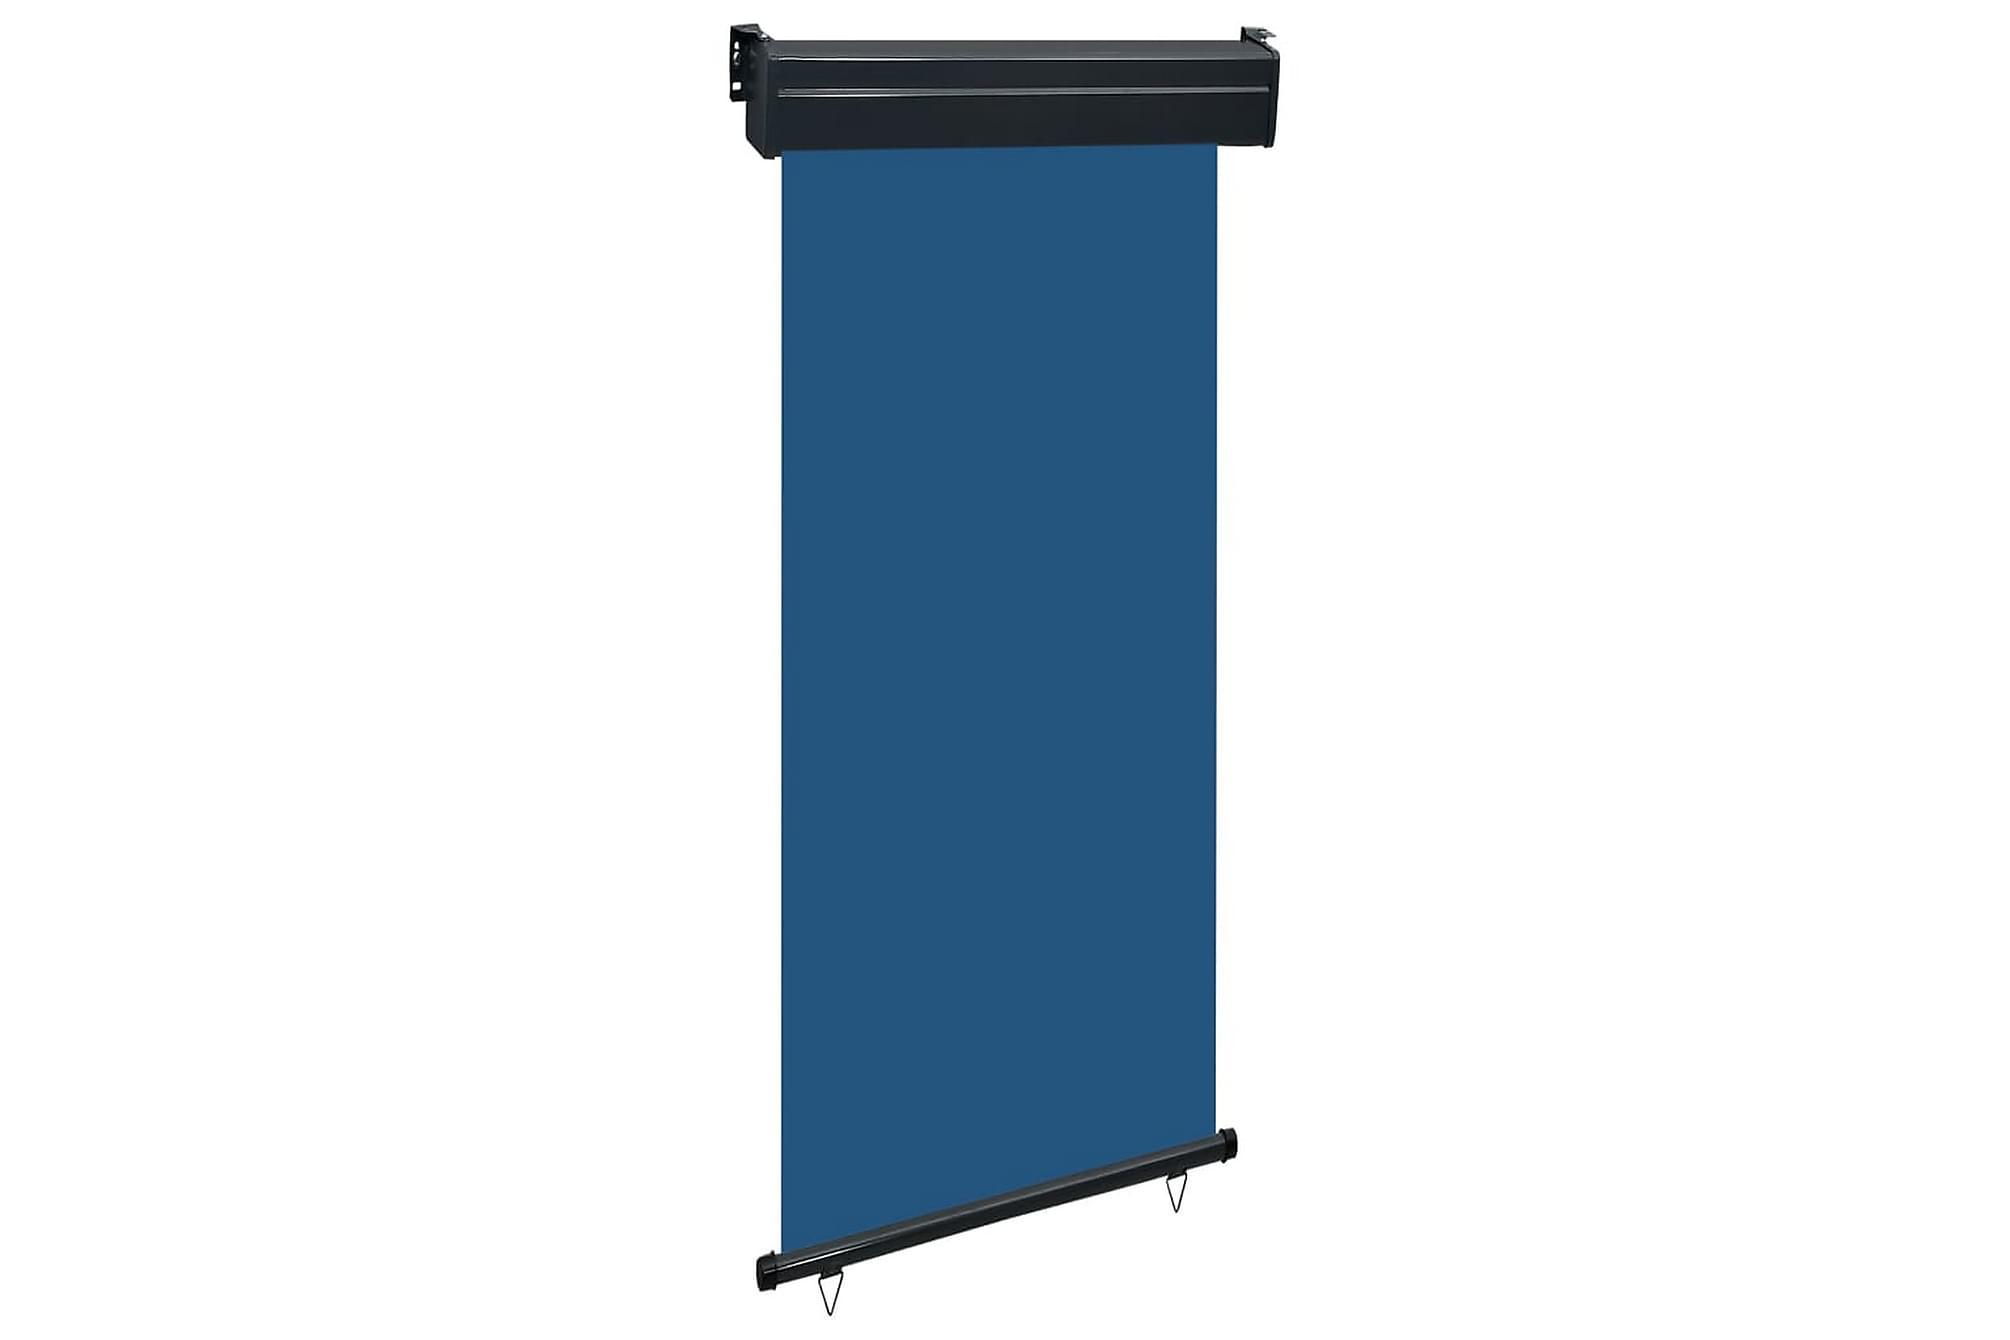 Balkongmarkis 100x250 cm blå, Markiser